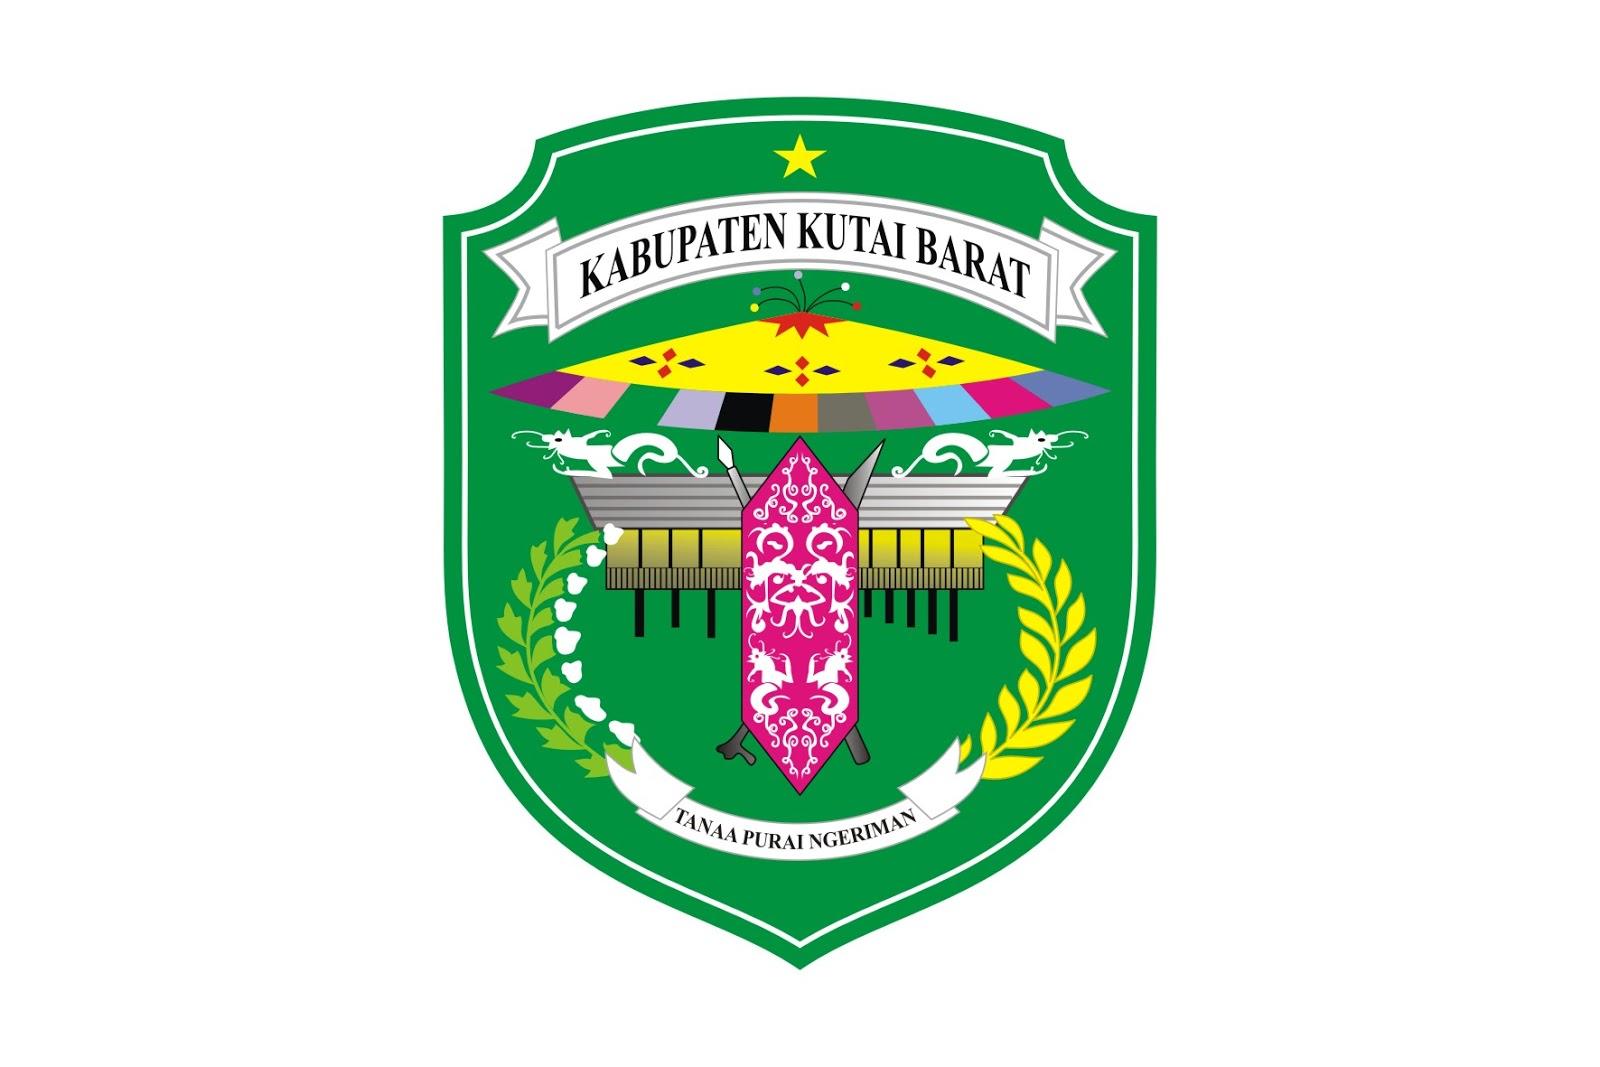 Kabupaten Kutai Barat Logo